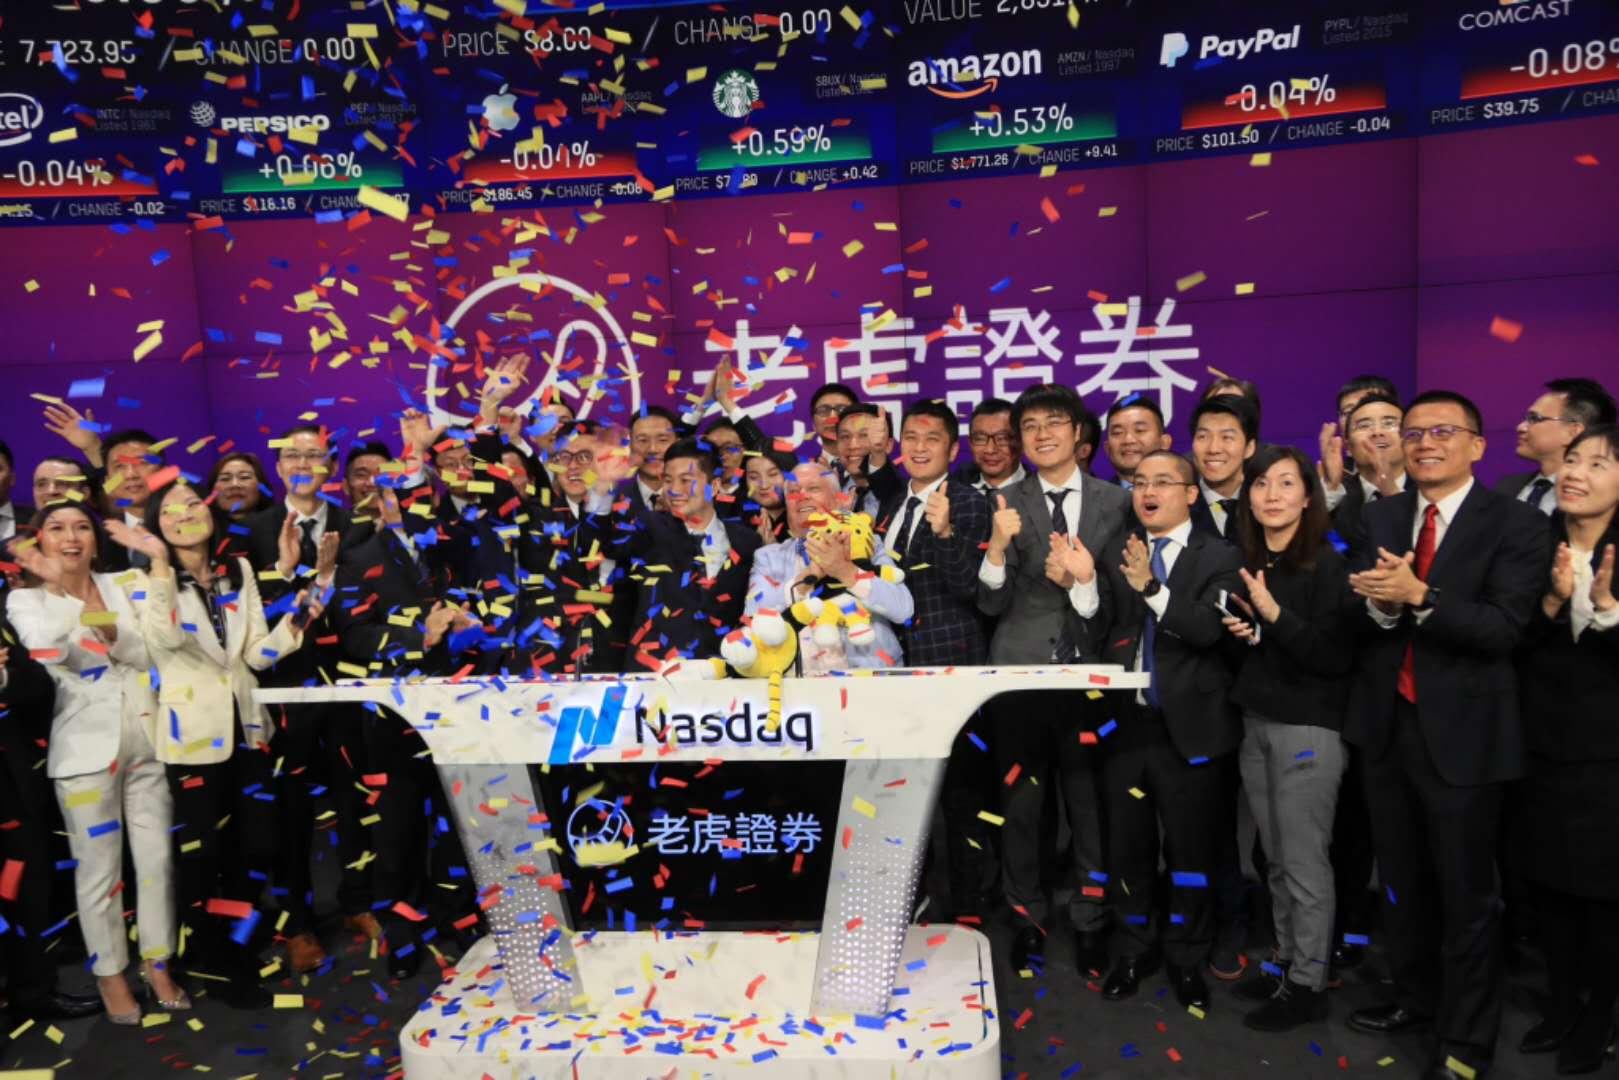 老虎证券登陆纳斯达克 首日大涨36.5%市值接近15亿美元